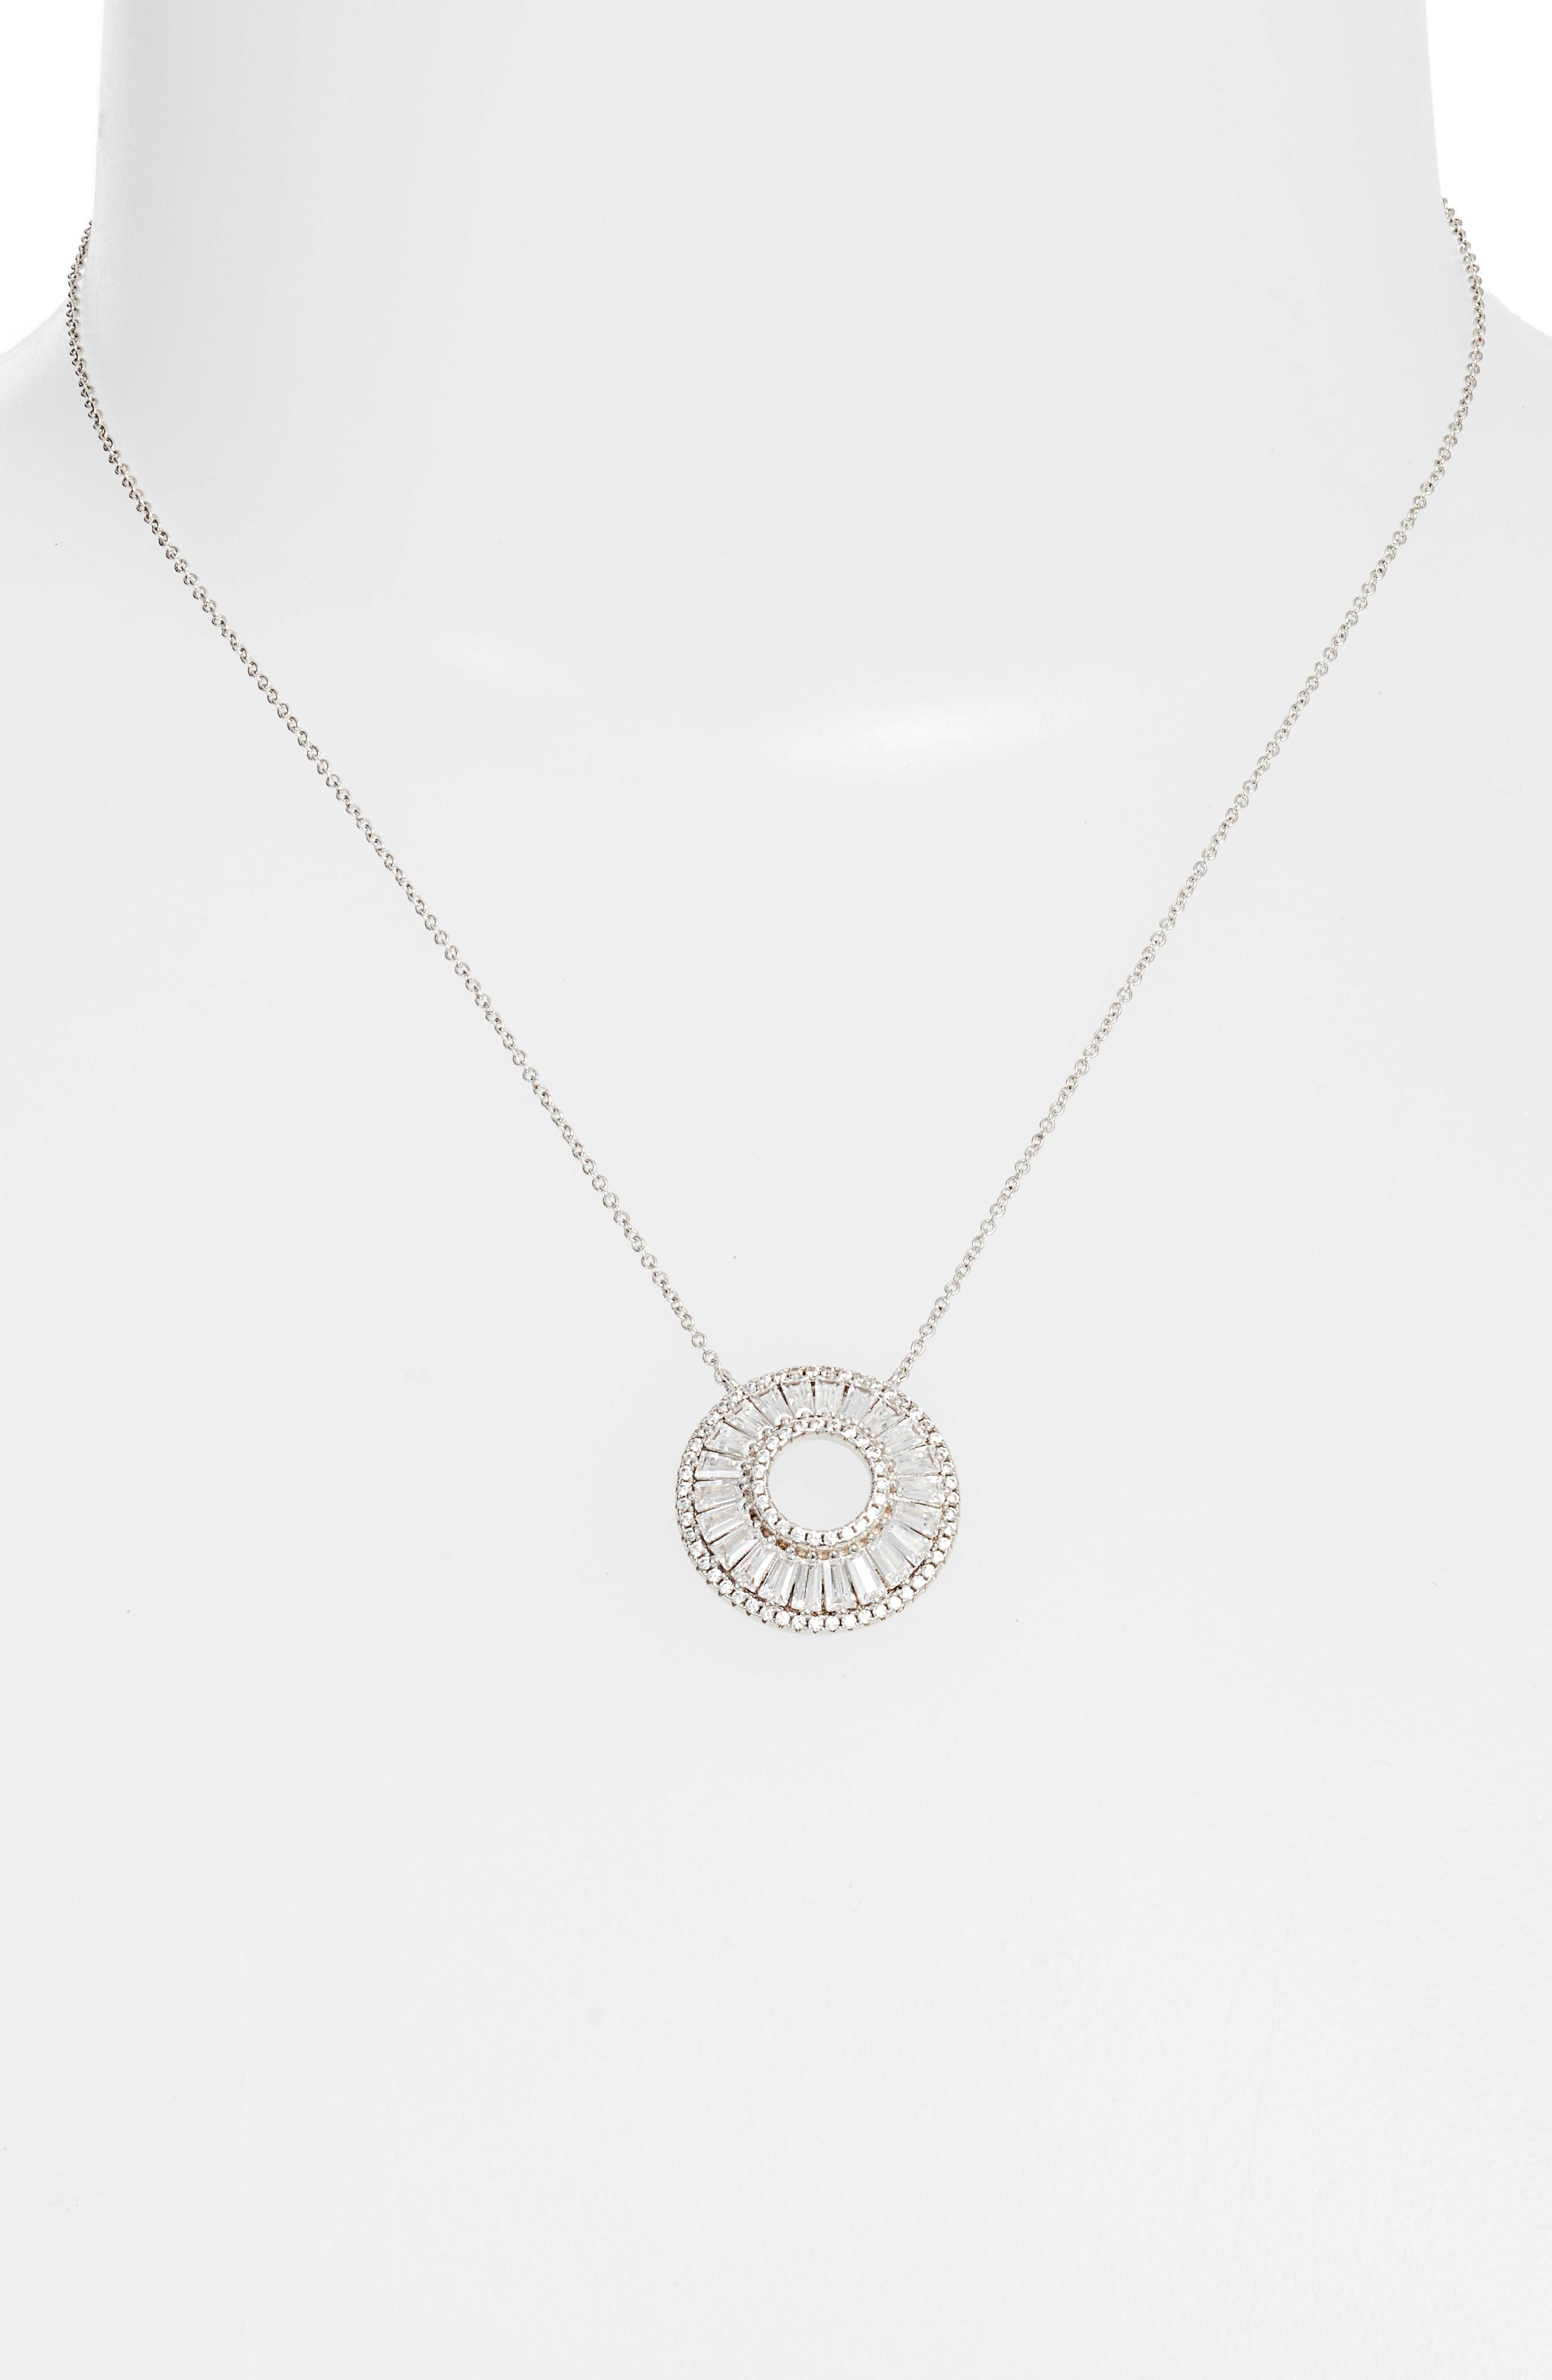 Baguette Cubic Zirconia Circle Pendant Necklace,                             Alternate thumbnail 2, color,                             040